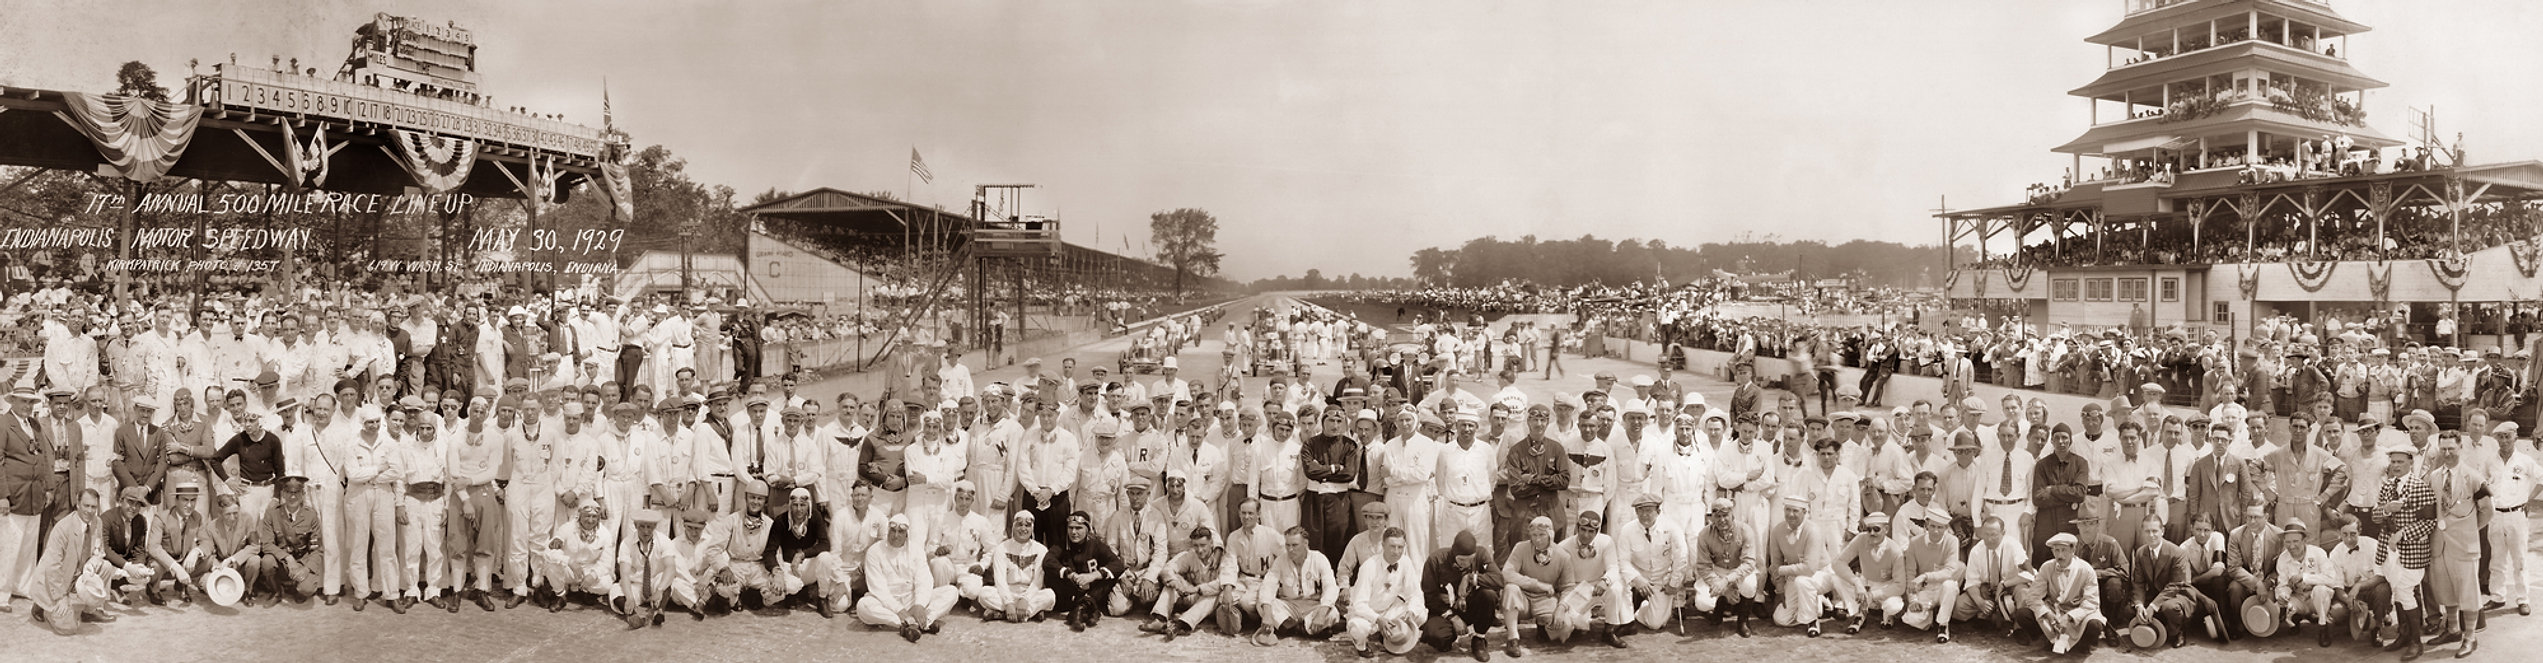 1929.Indy.medres.2.jpg